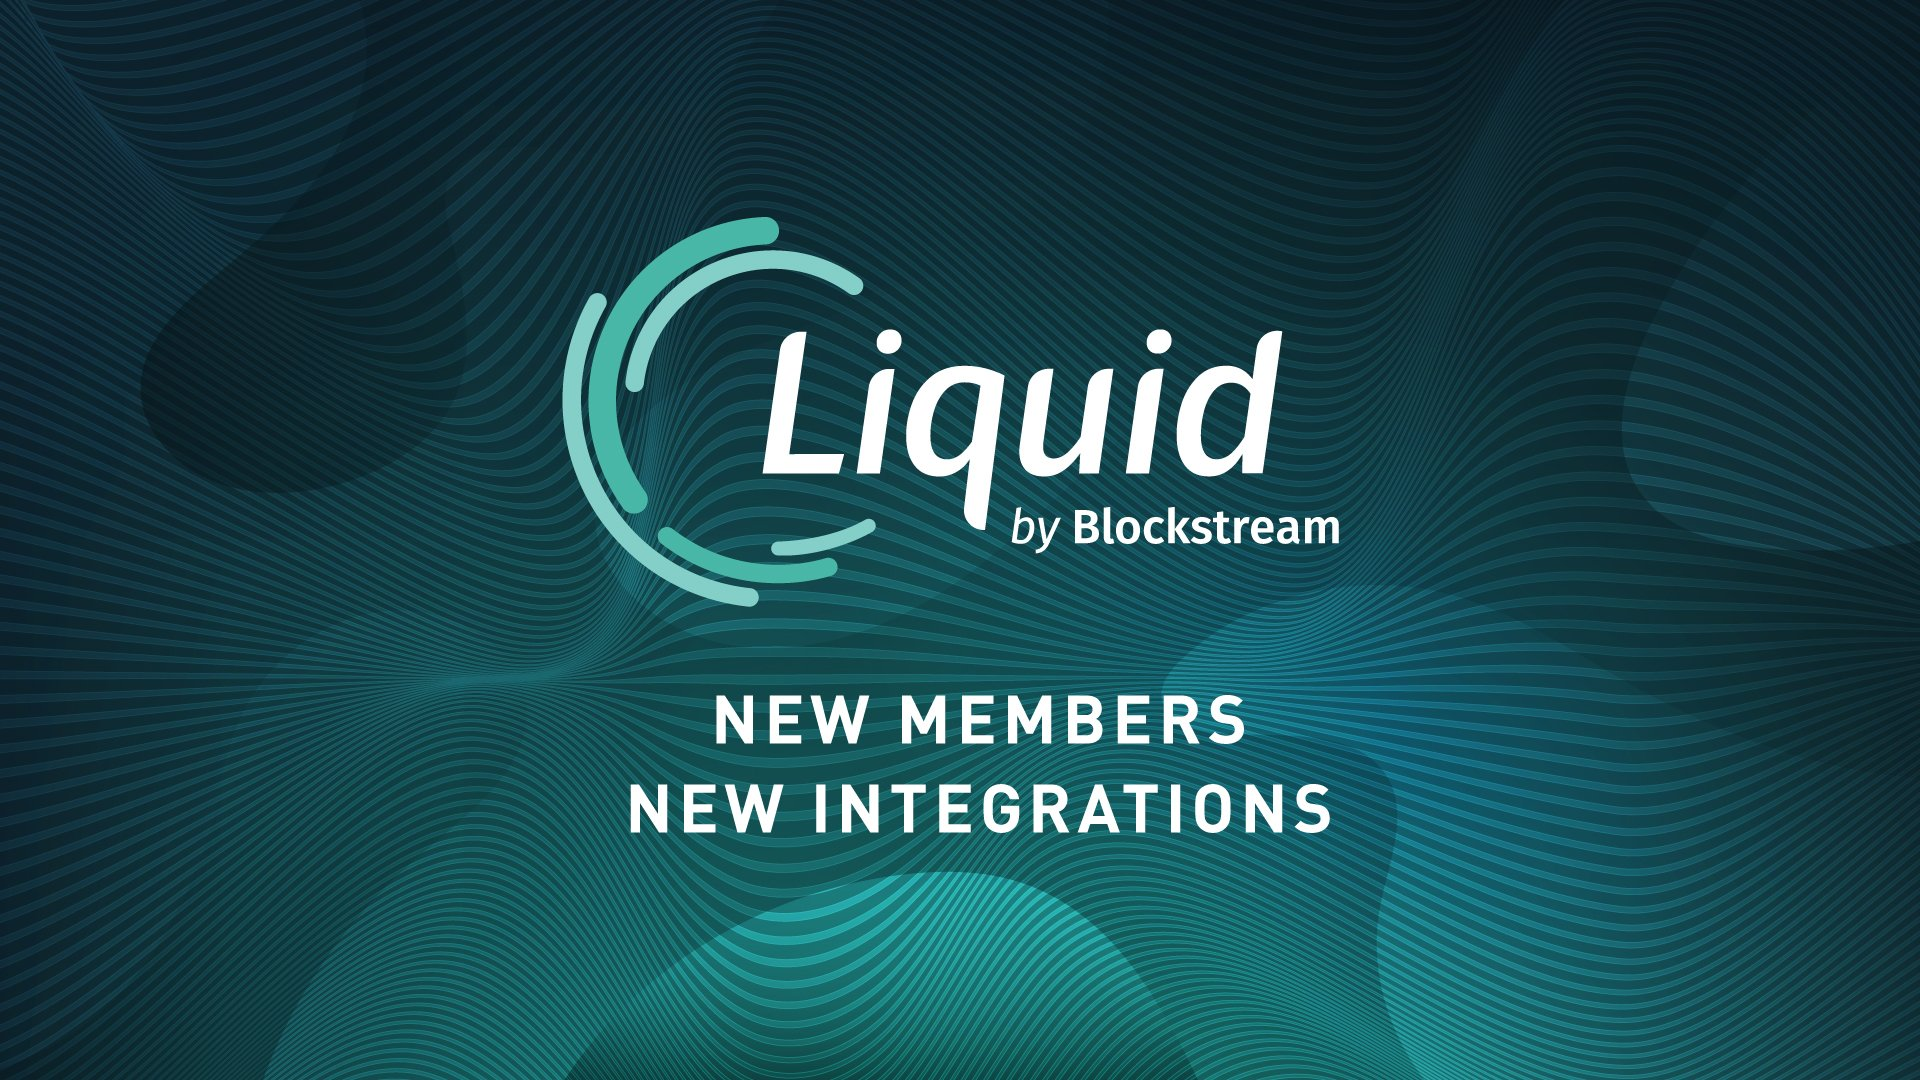 Liquid adiciona 14 novas exchanges e anuncia planos de token pareado em dólar